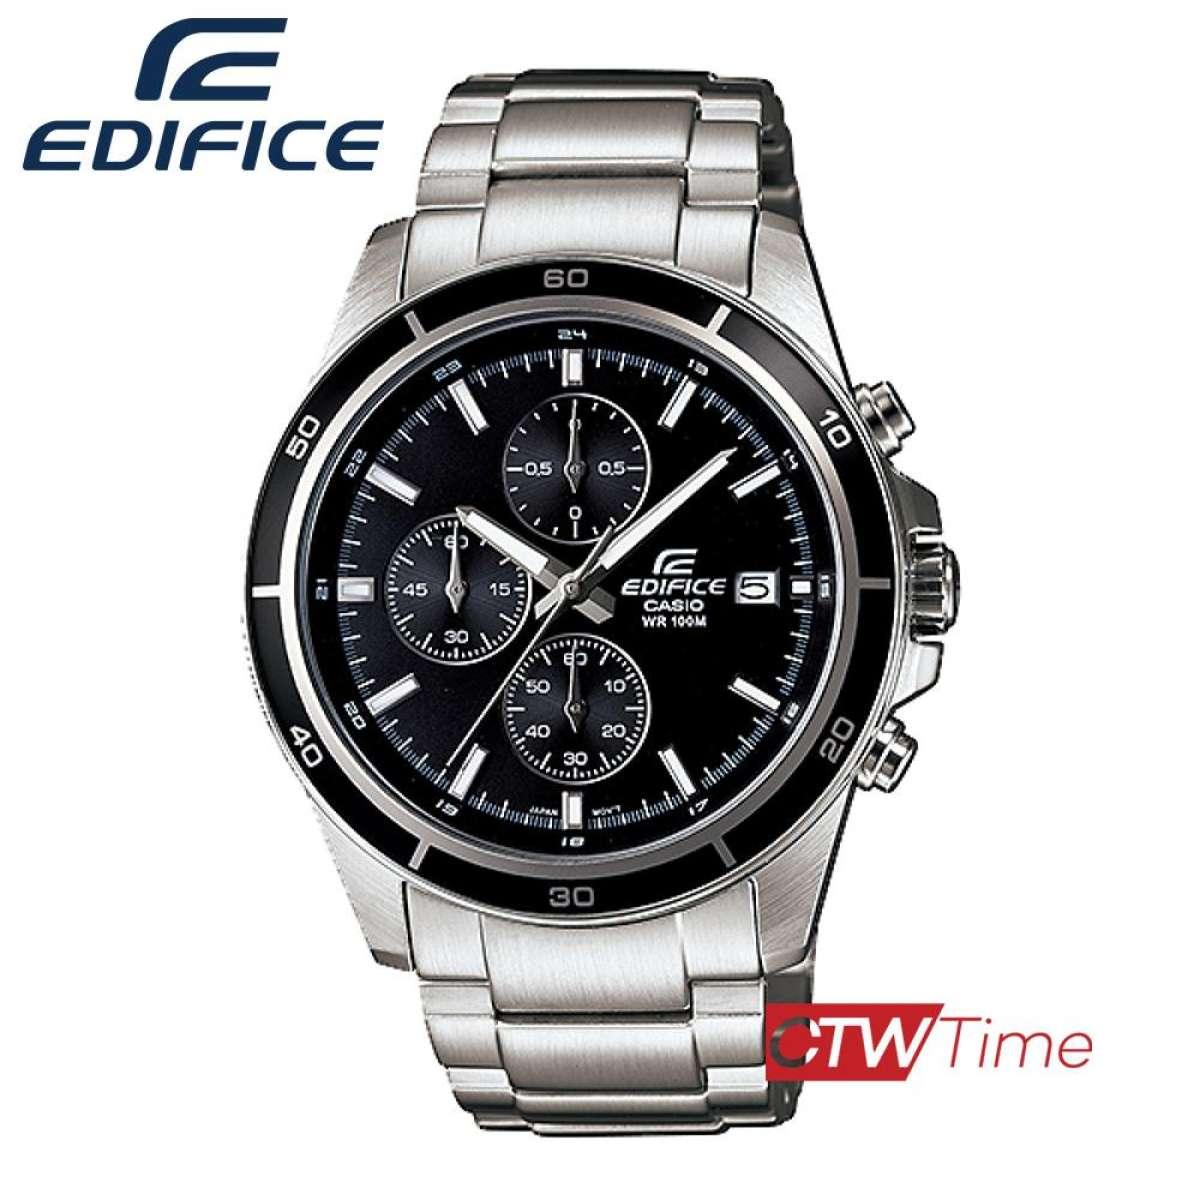 ส่งฟรี !! Casio Edifice นาฬิกาข้อมือผู้ชาย สีเงิน สายสแตนเลส รุ่น EFR-526D-1AVUDF yMnV